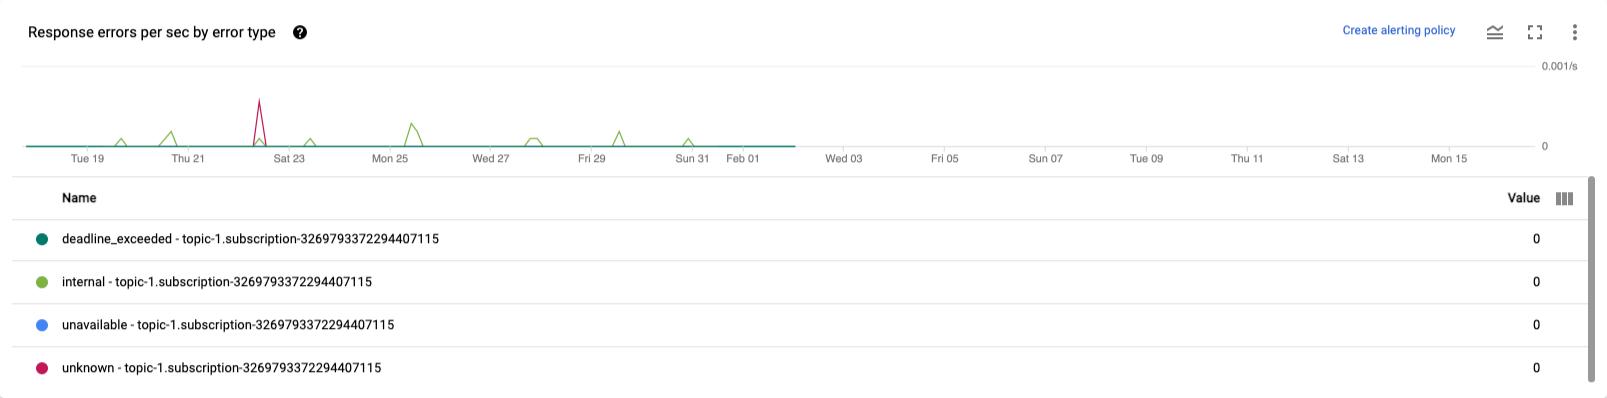 Un gráfico que muestra la tasa de solicitudes incorrectas a la API para leer o escribir datos por fuente o receptor a lo largo del tiempo.